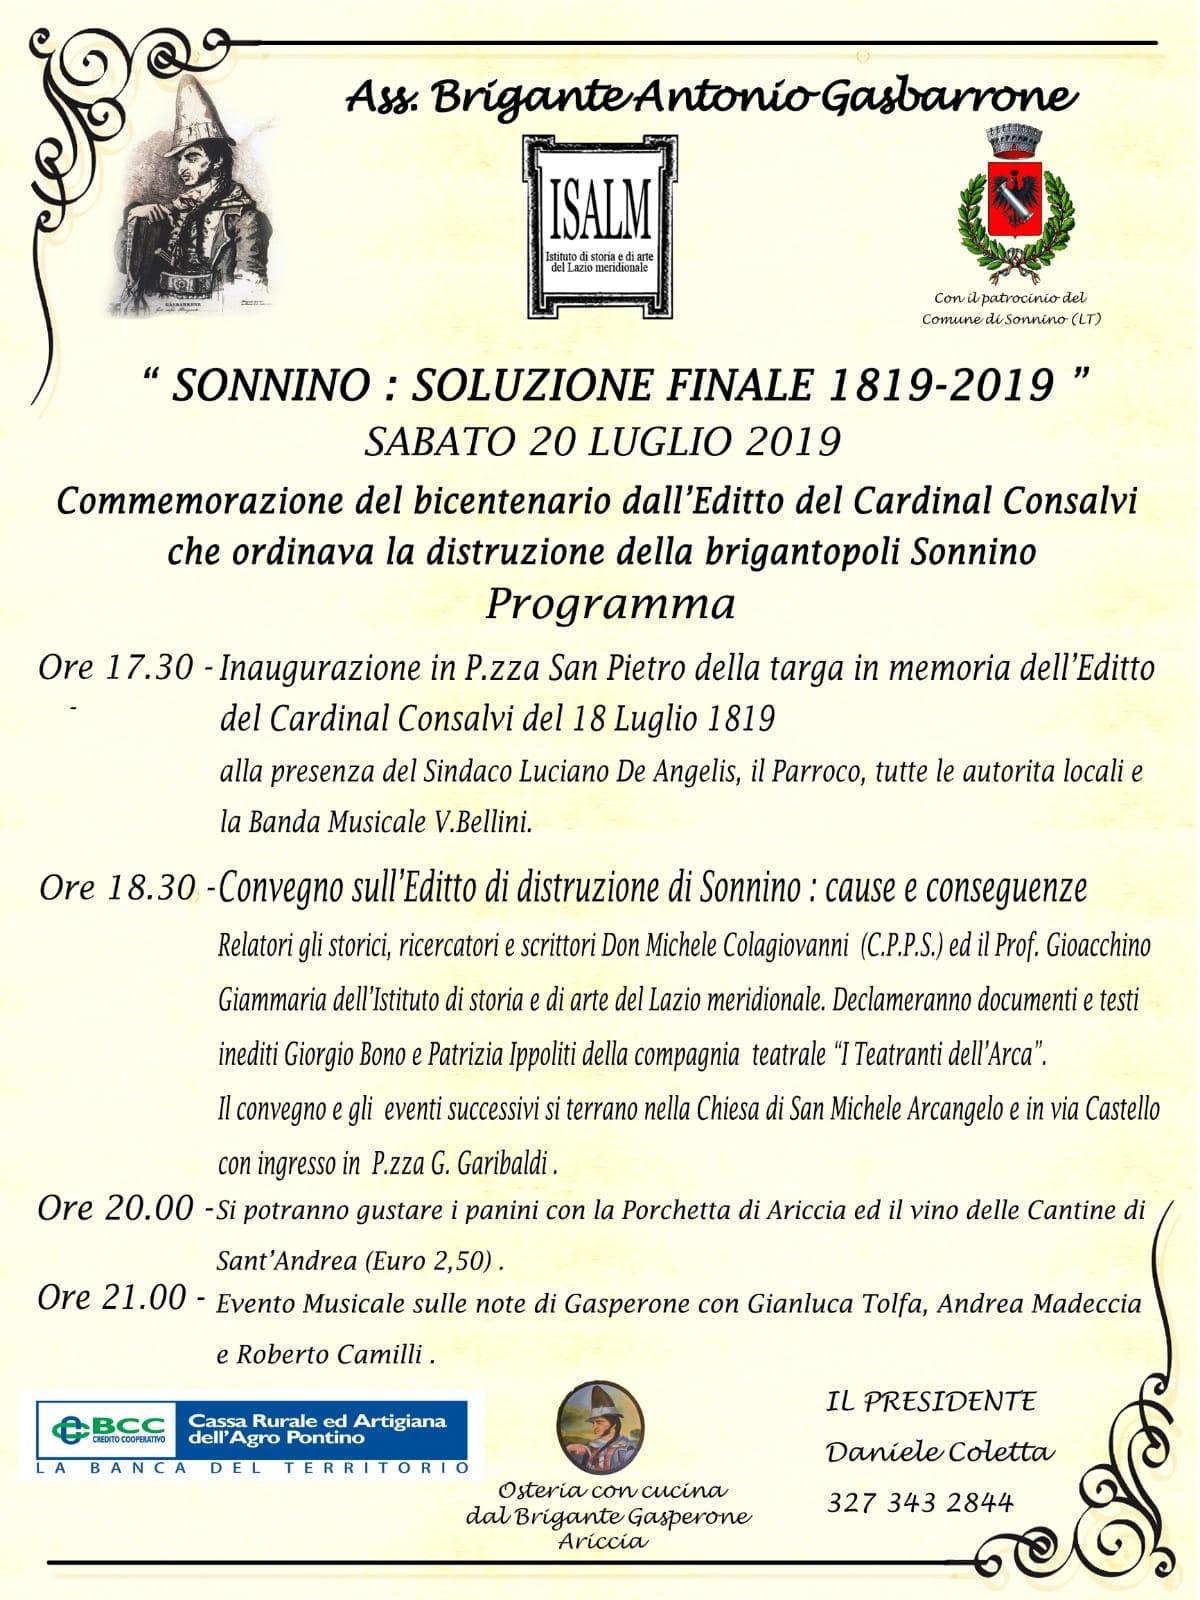 Sonnino: Soluzione finale 1819-2019 @ Piazza San pietro | Sonnino | Lazio | Italia